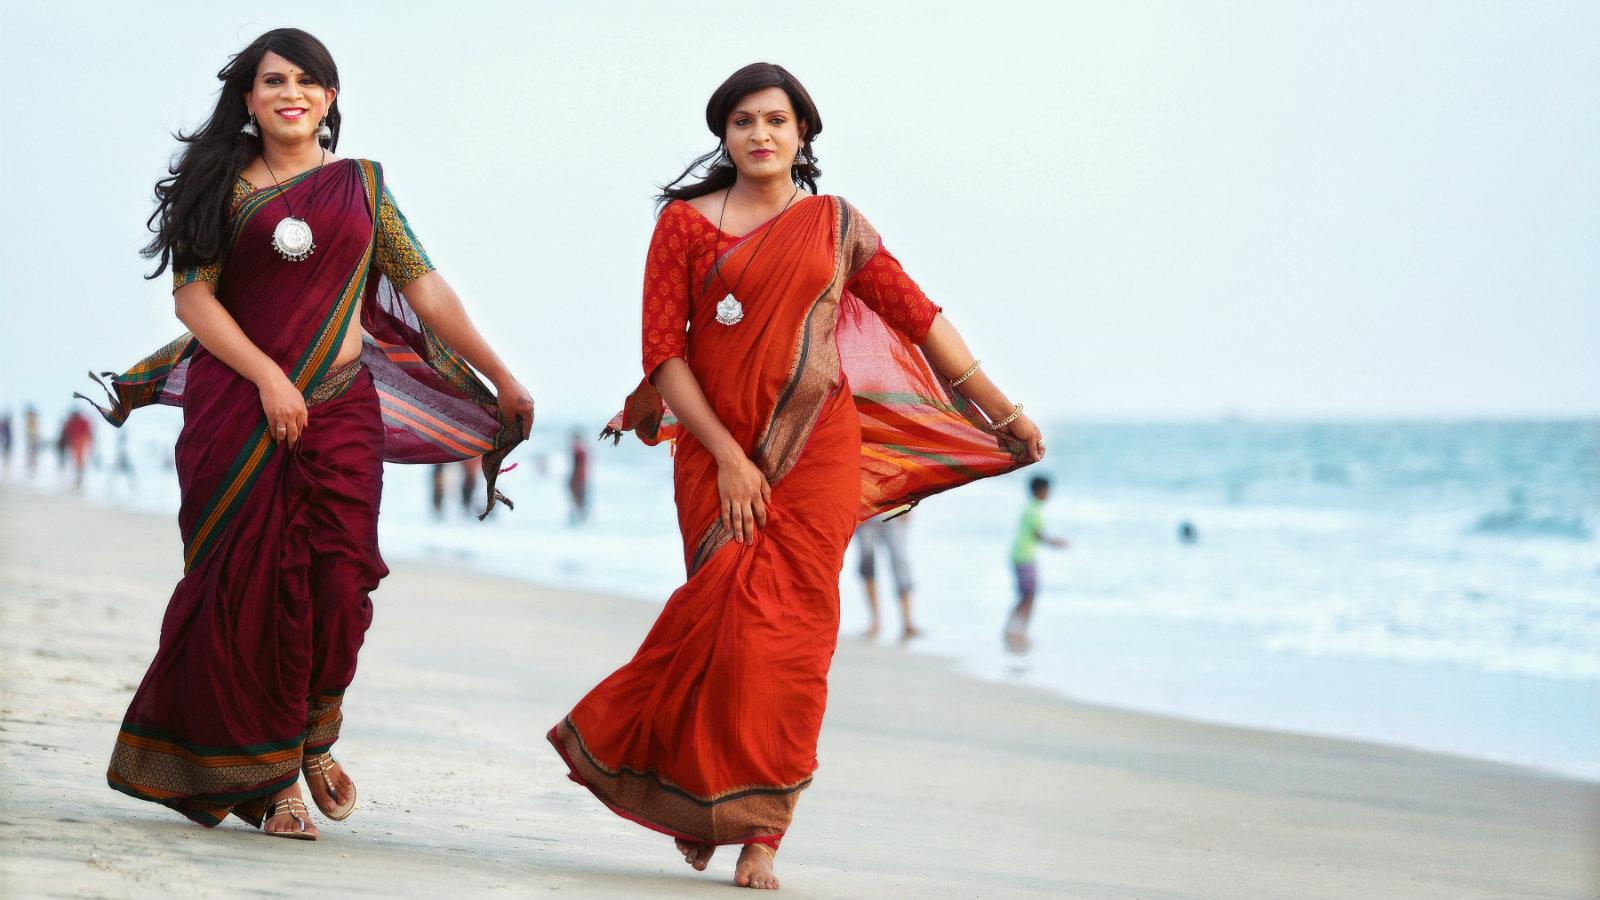 India-Transgender models